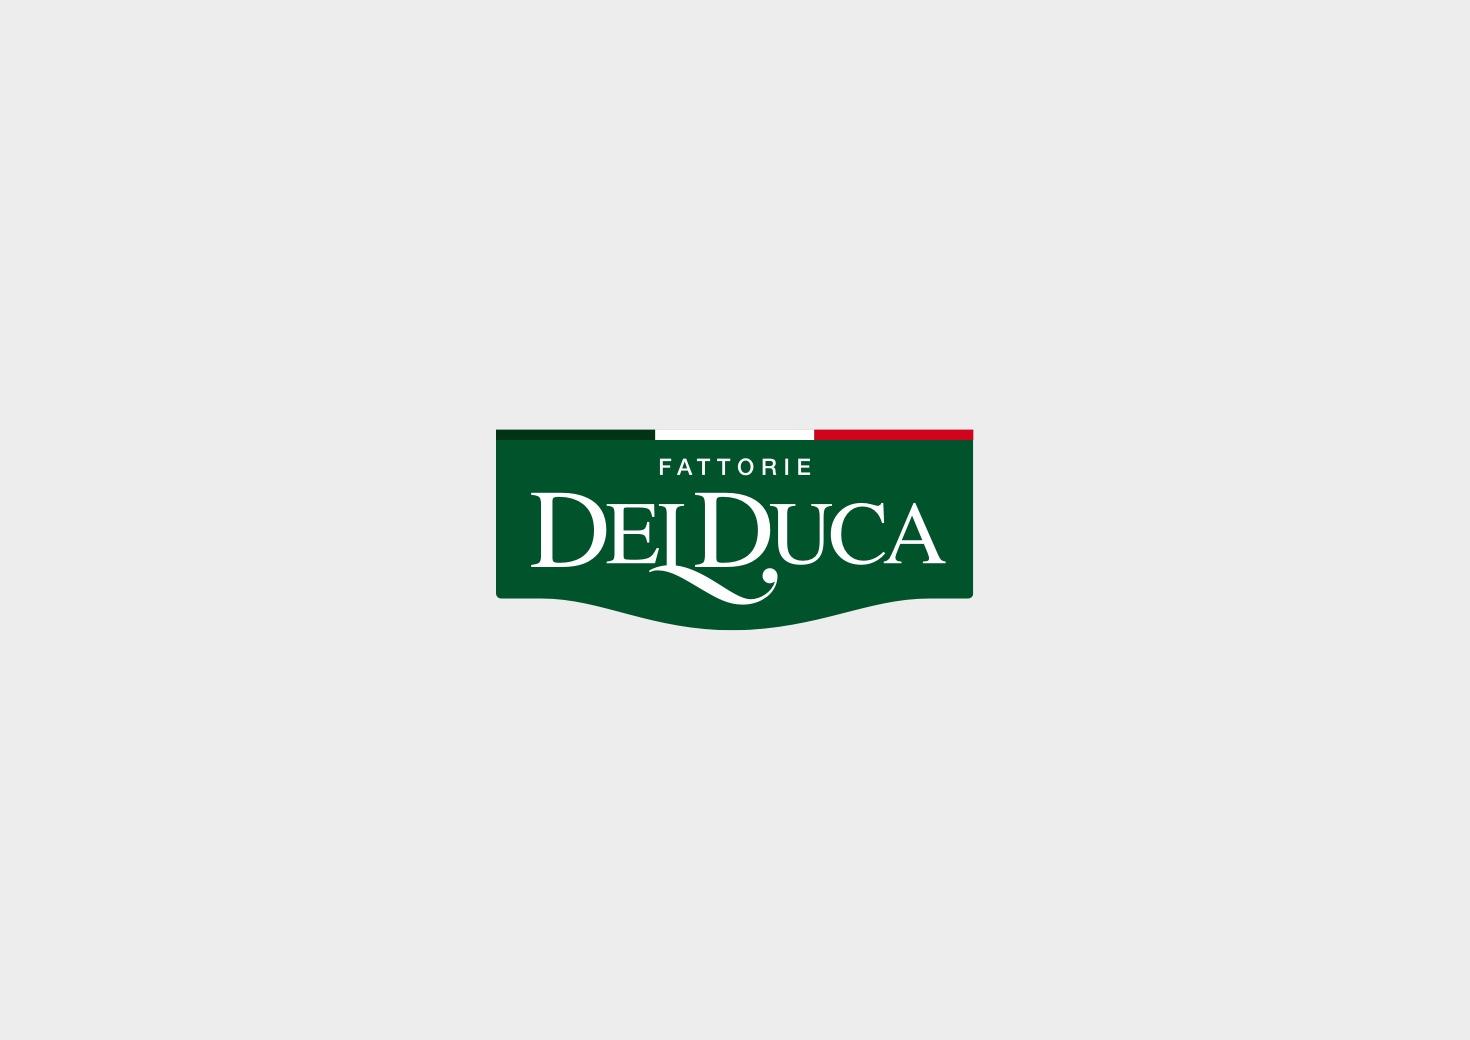 delduca_3